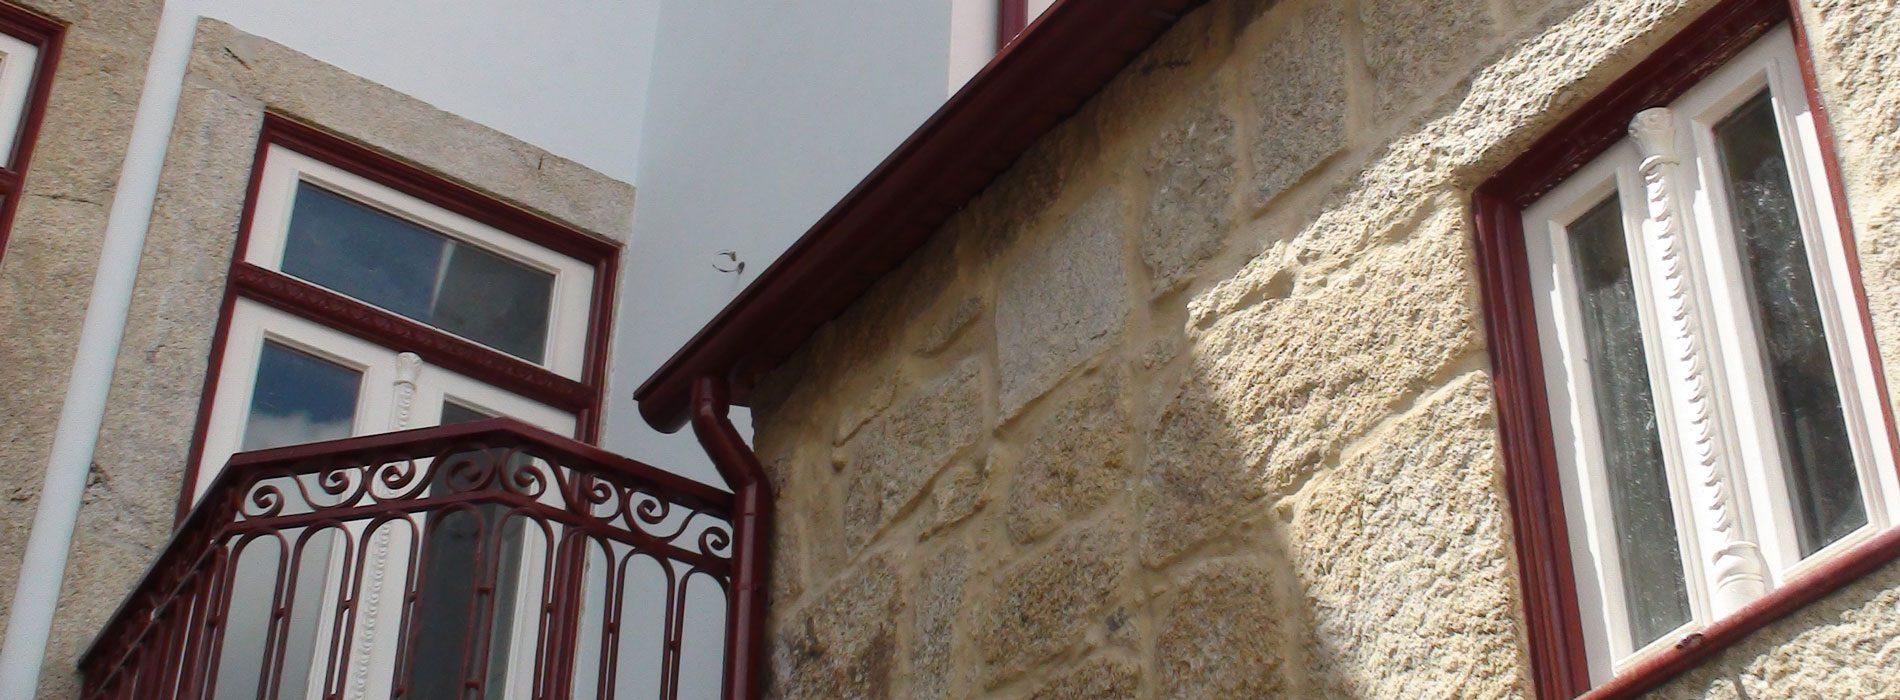 Apartamentos-Rua-dos-Bragas-capa